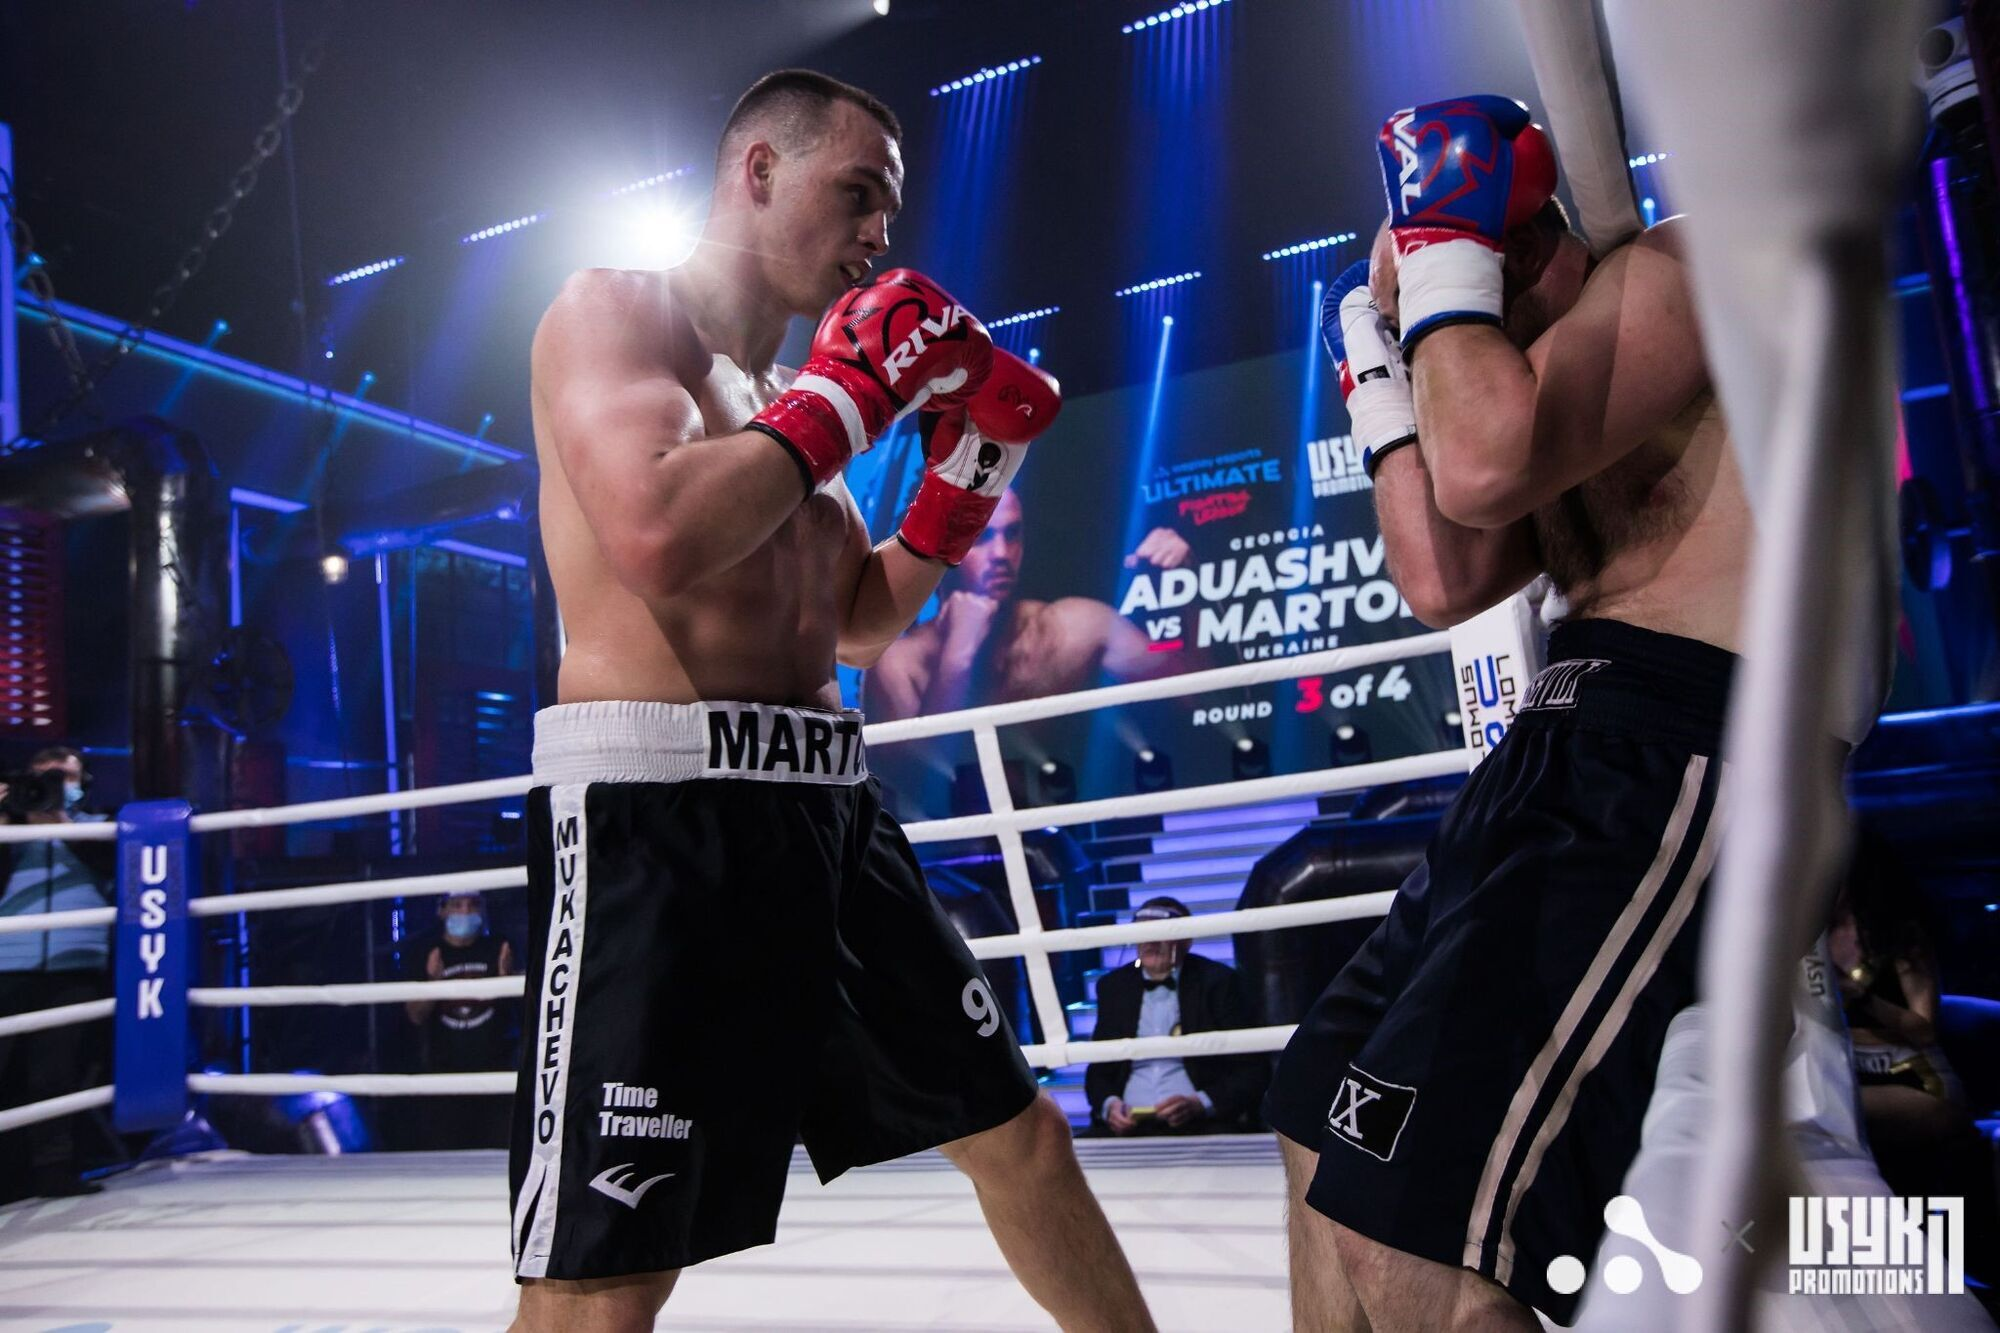 Трое украинских боксеров впервые вышли на профессиональный ринг и одержали победу